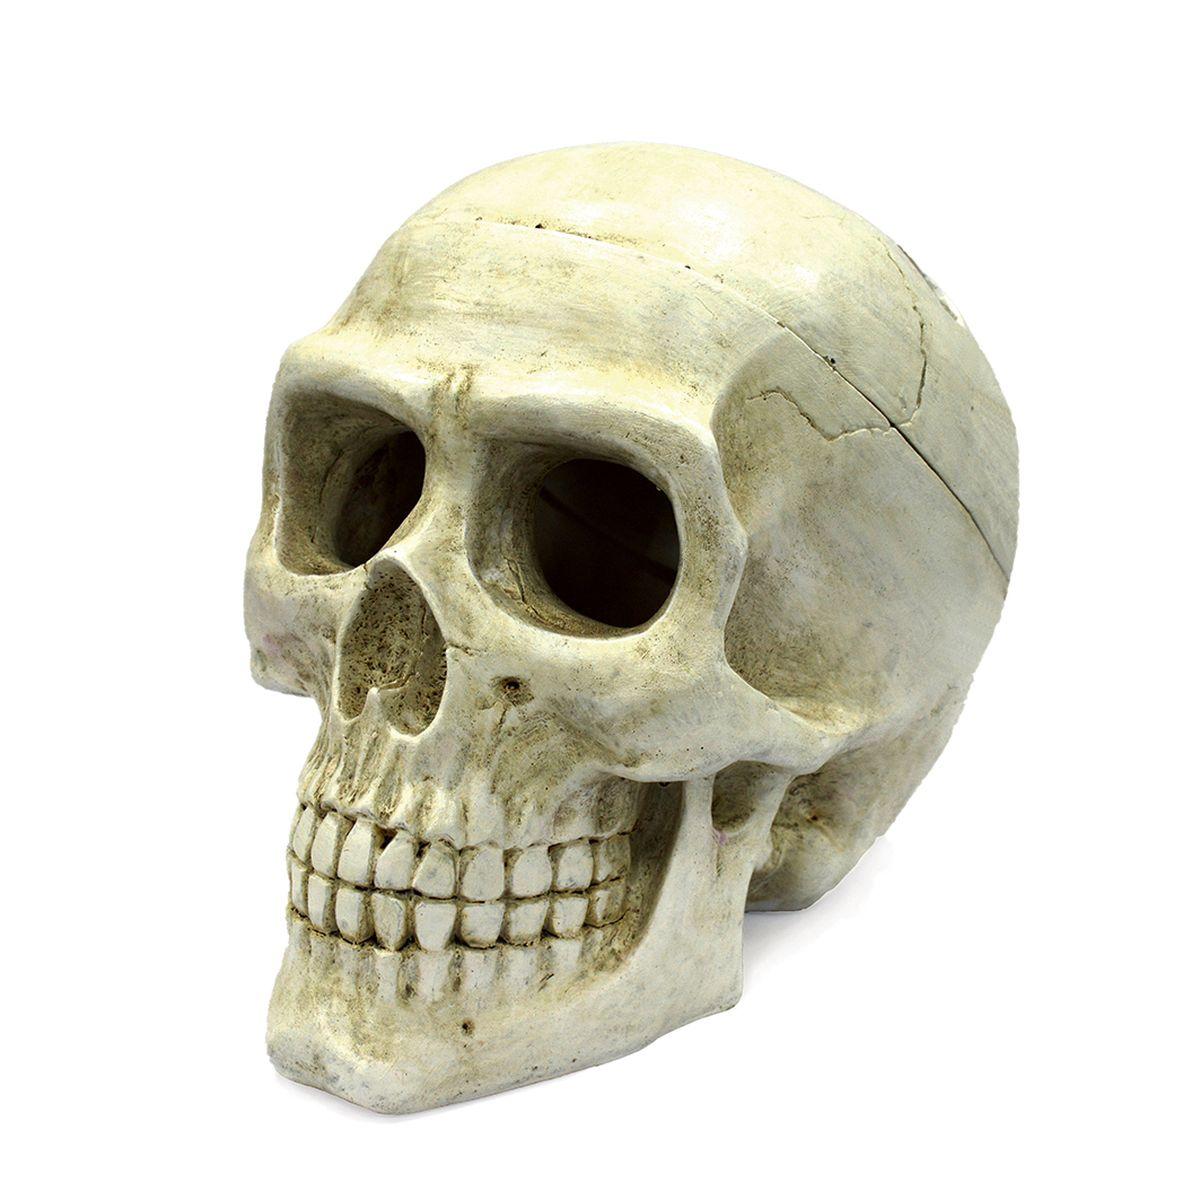 Декорация для аквариума ArtUniq Большой череп, 20 x 12,7 x 15,8 см декорация для аквариума artuniq пористый камень 20 5 x 10 5 x 18 8 см